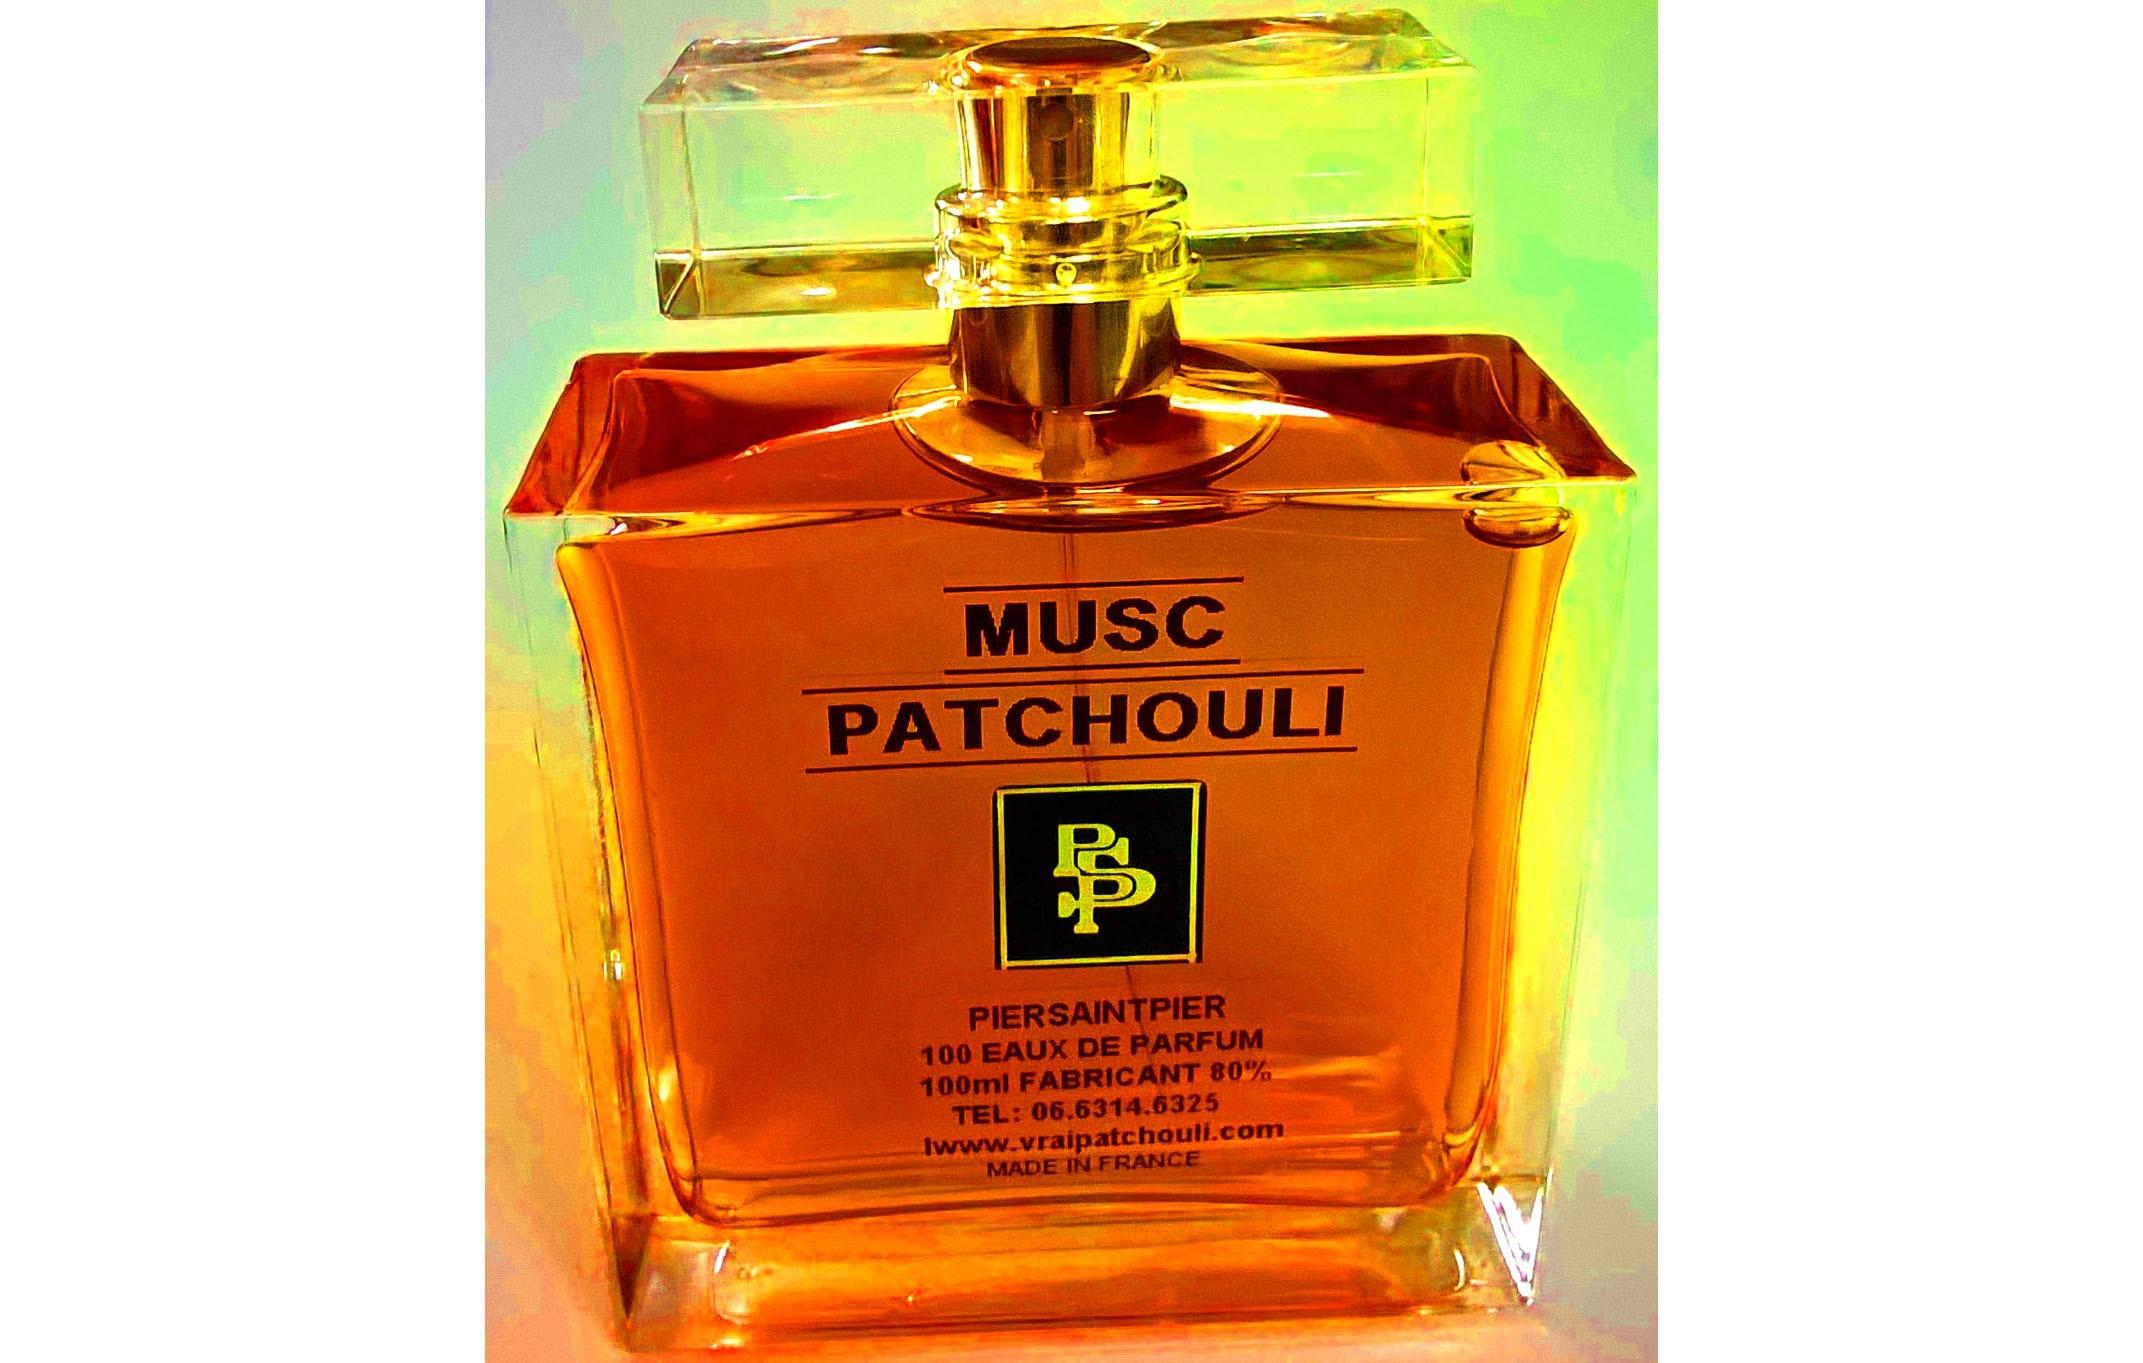 MUSC PATCHOULI (Flacon Luxe / Sans Boite)